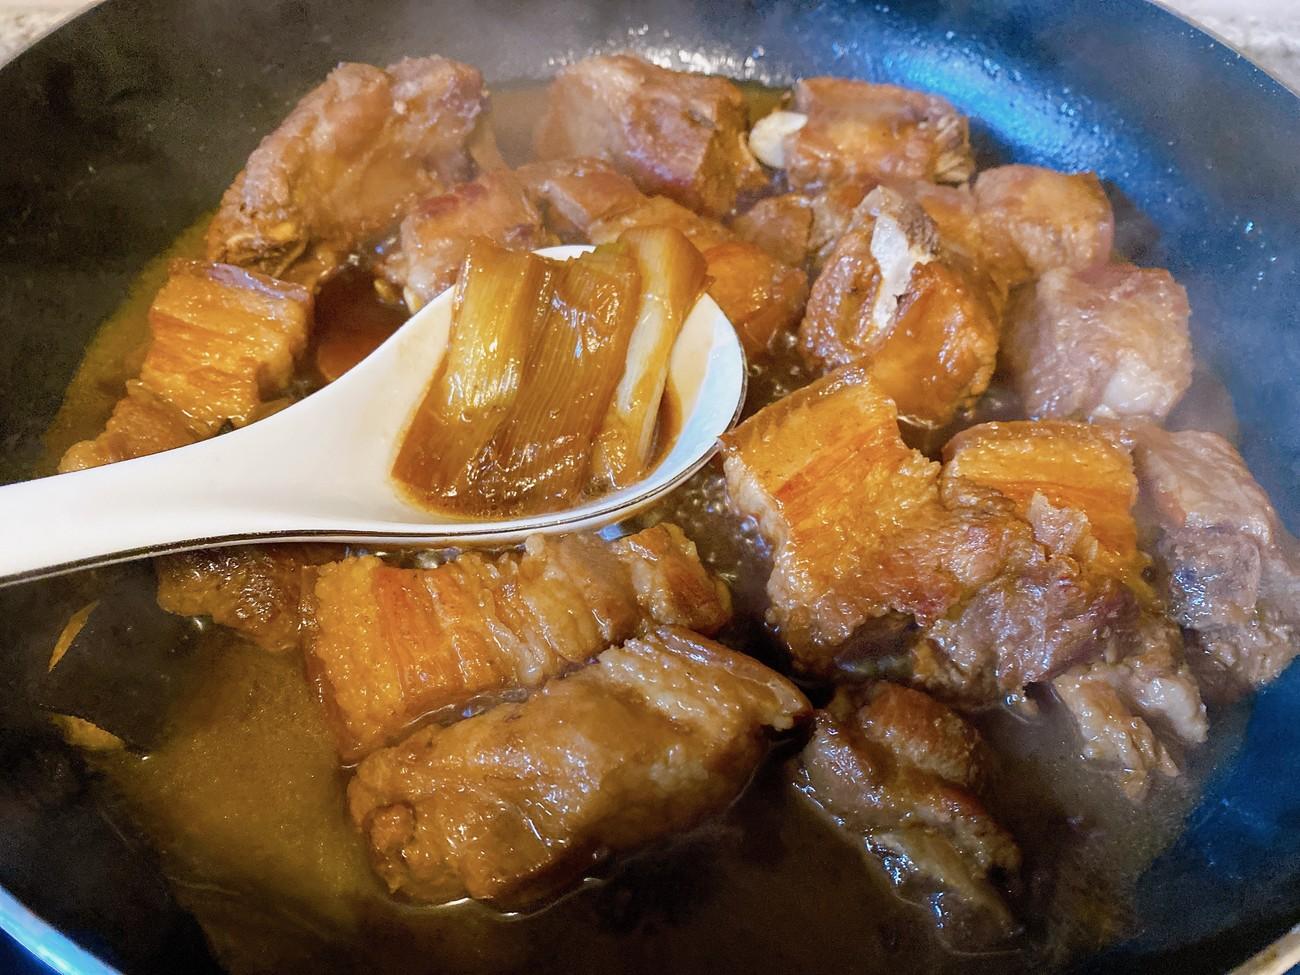 愛吃紅燒肉要收藏,這配方我用了十幾年,肥而不膩,上桌瞬間光盤